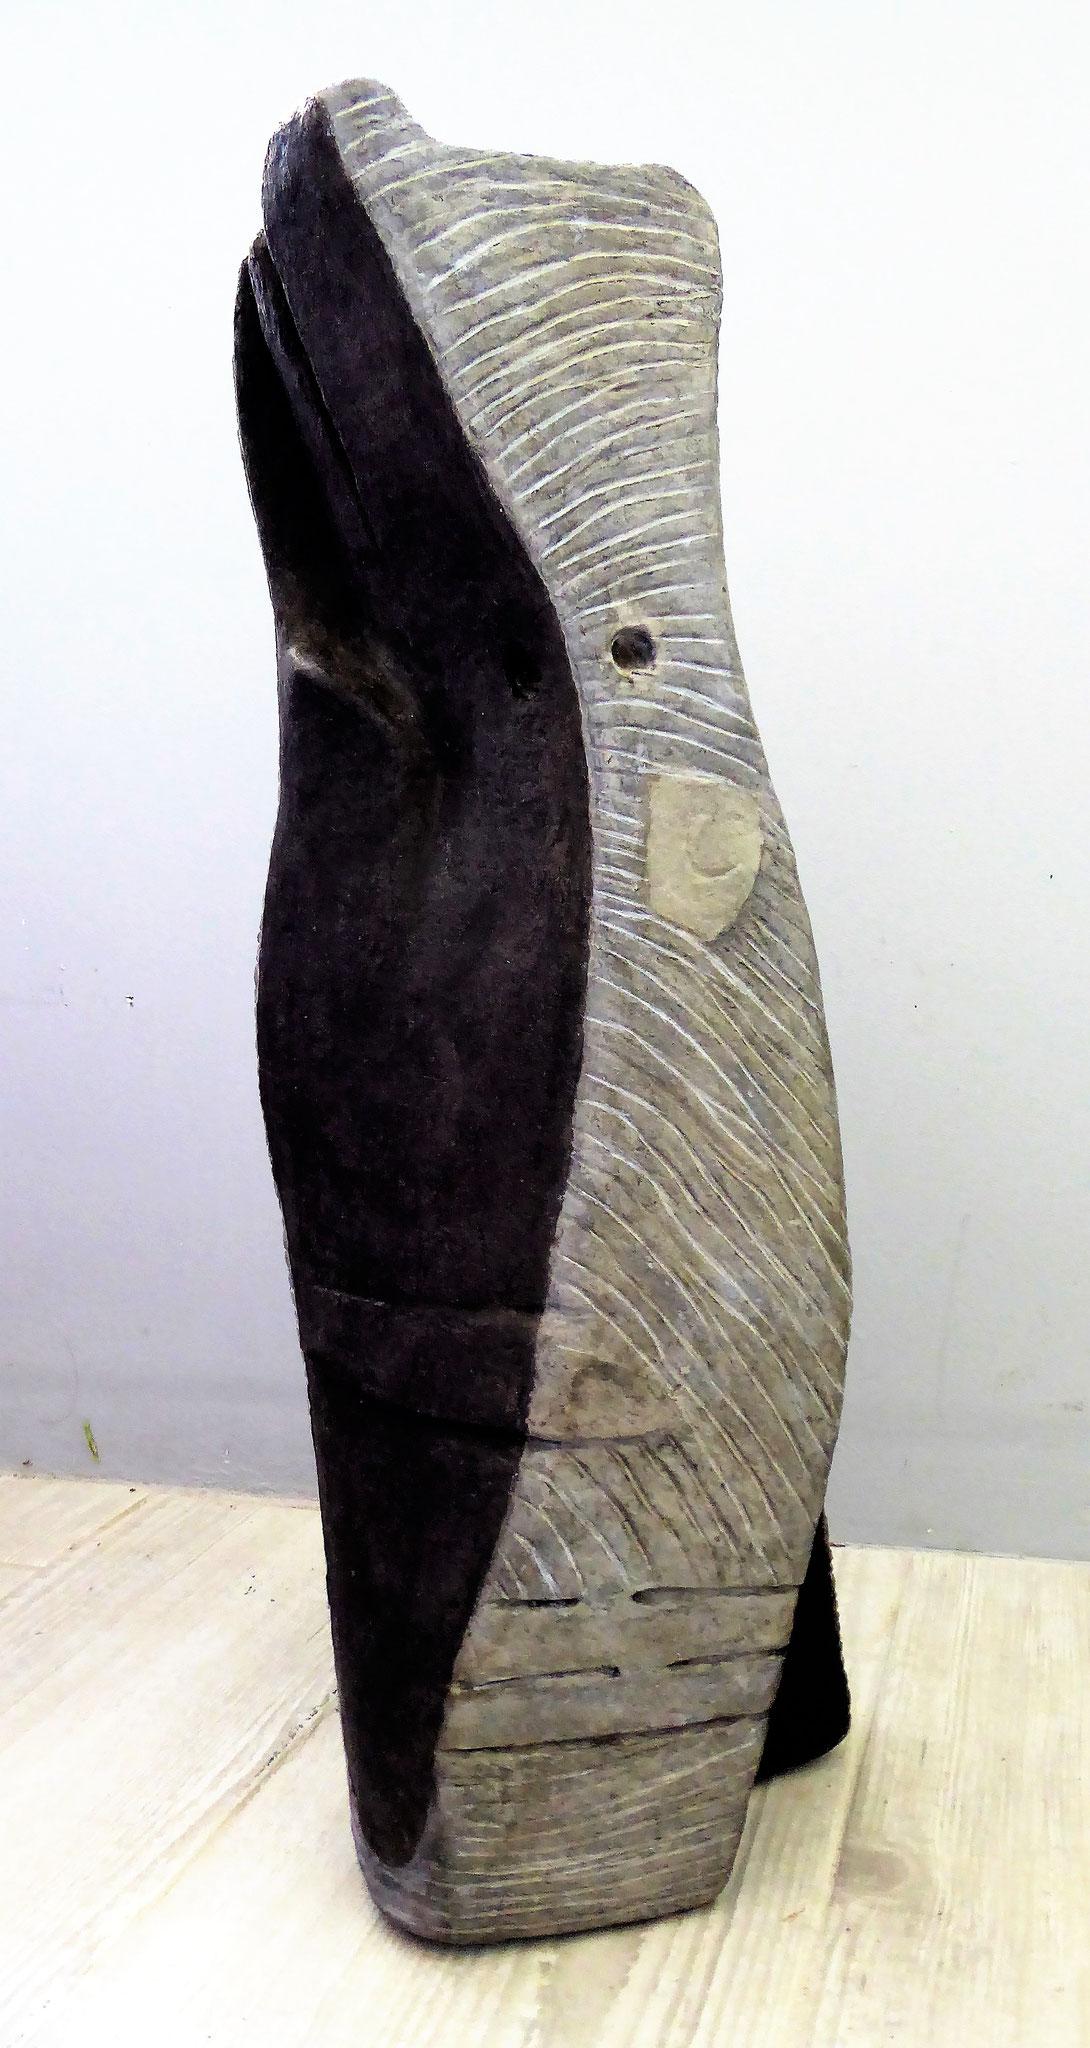 Epuré - Fibre de coton et de lin    50 x 16 x 16 cm - 2017. Oeuvre de Tatiana Rozenblat